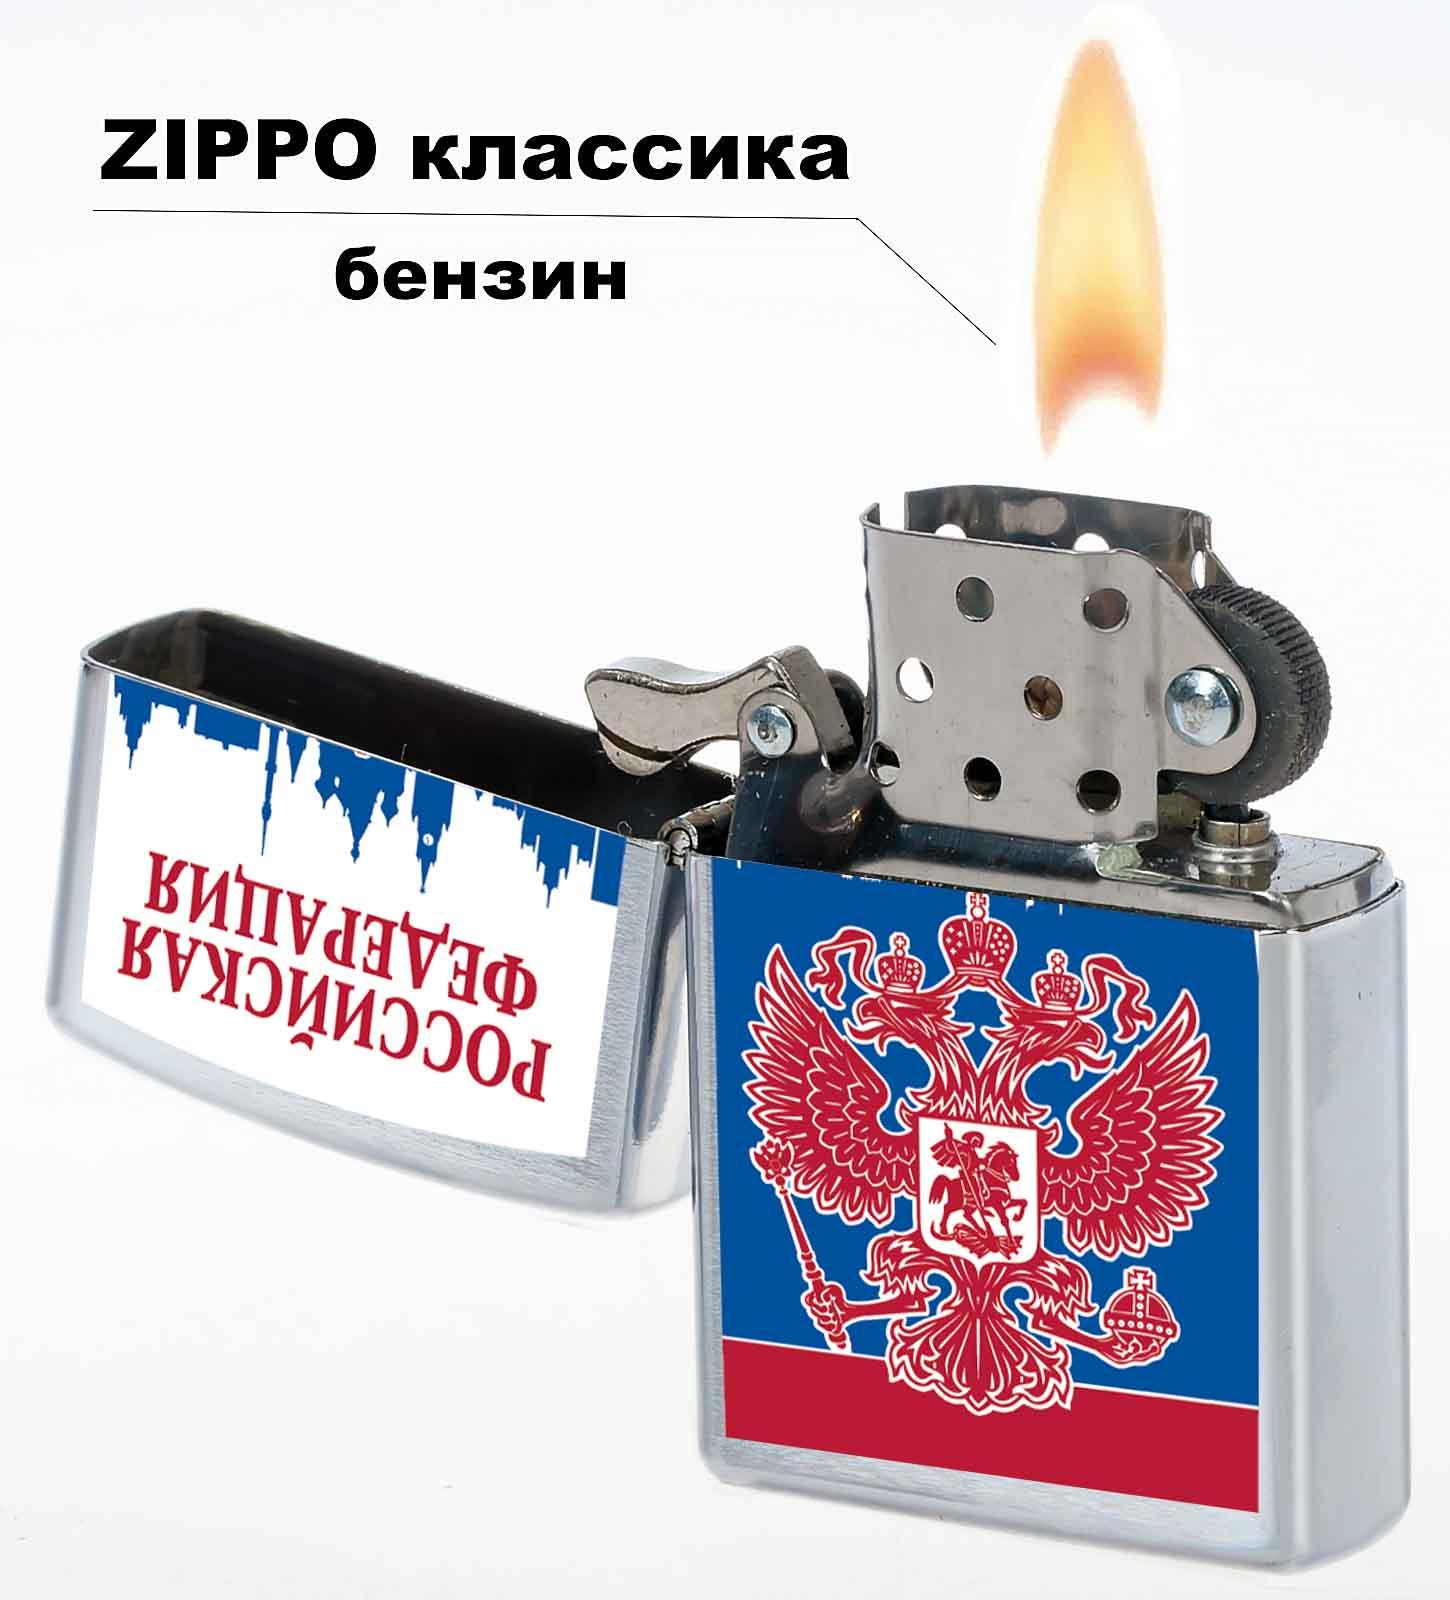 Металлическая бензиновая зажигалка Россия - купить по низкой цене